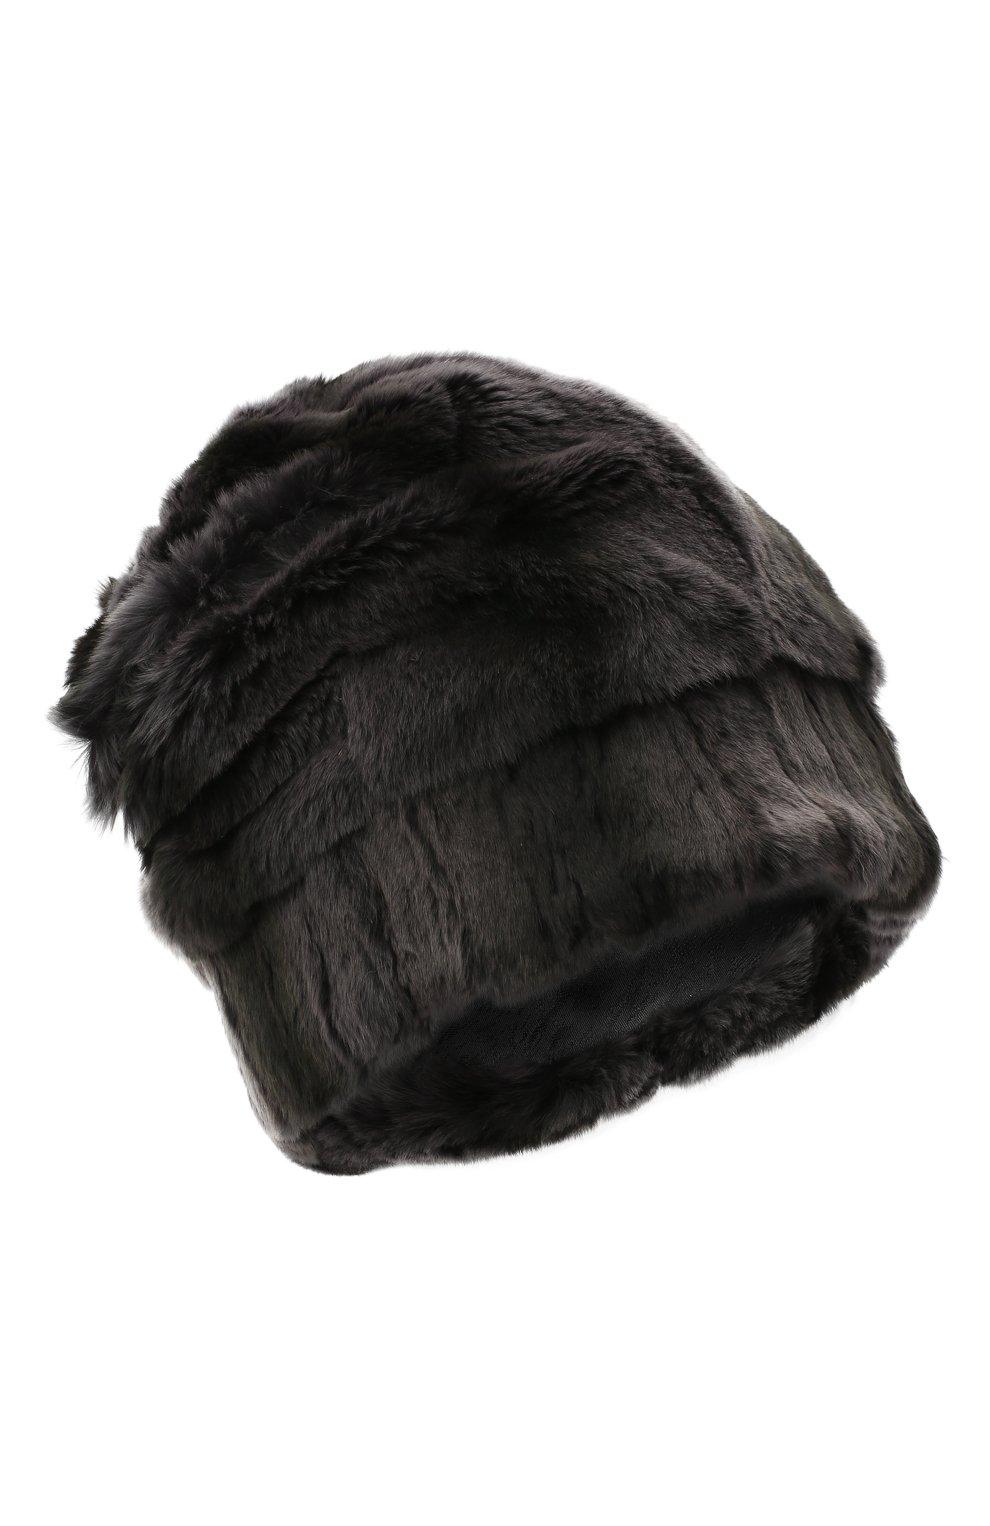 Мужская шапка из меха колонка FURLAND серого цвета, арт. 0105108150105200000 | Фото 1